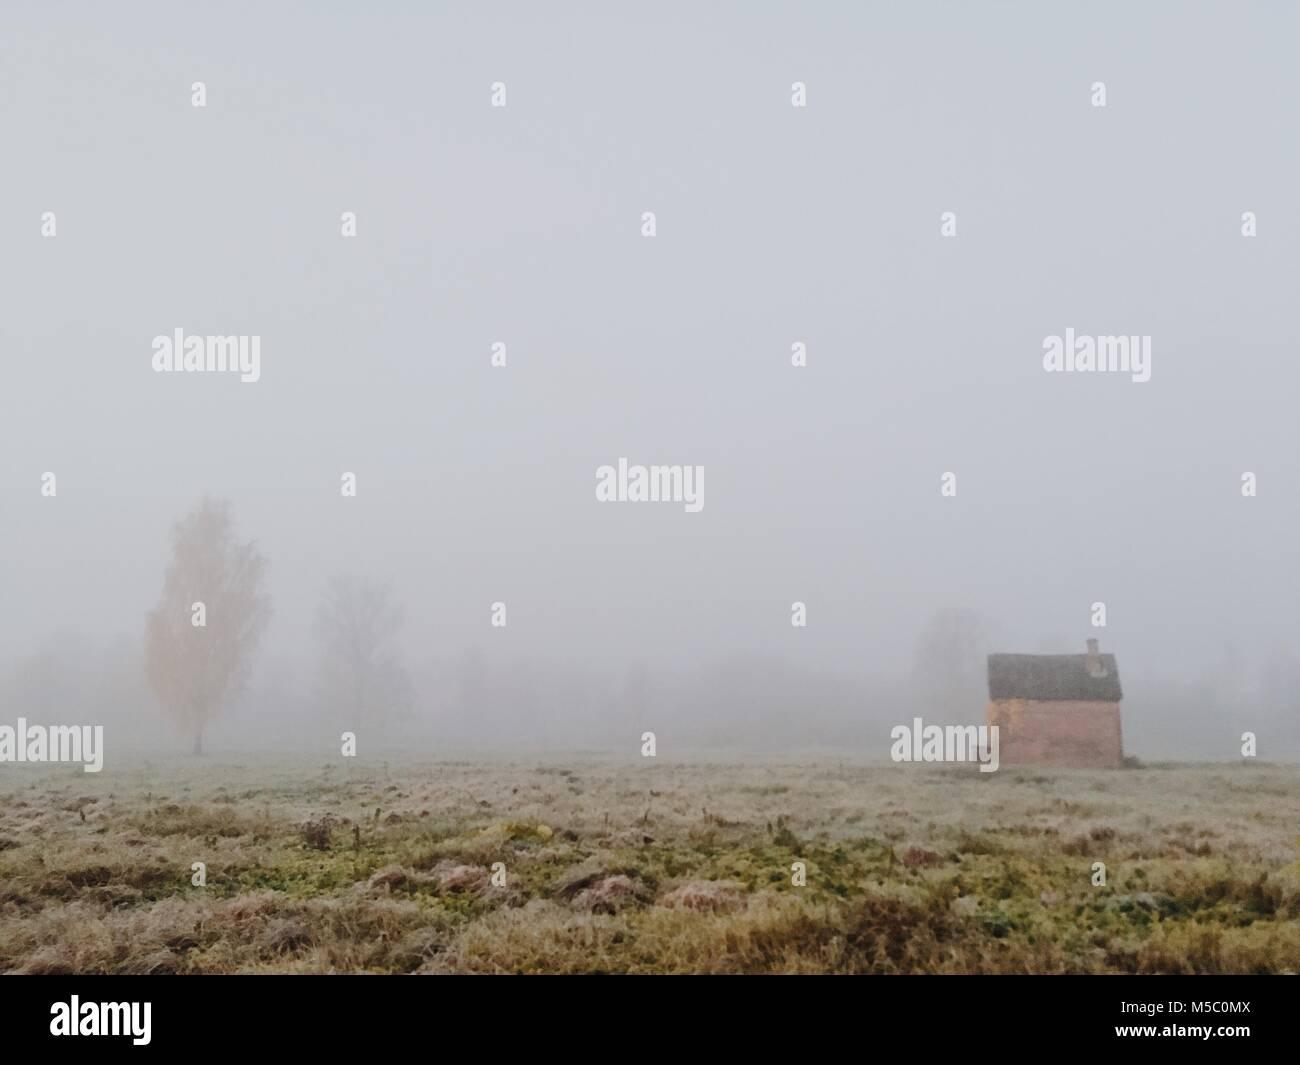 Rasenfläche. Schöne nebeliger Morgen Szene mit ein wenig beleuchten. Stockbild